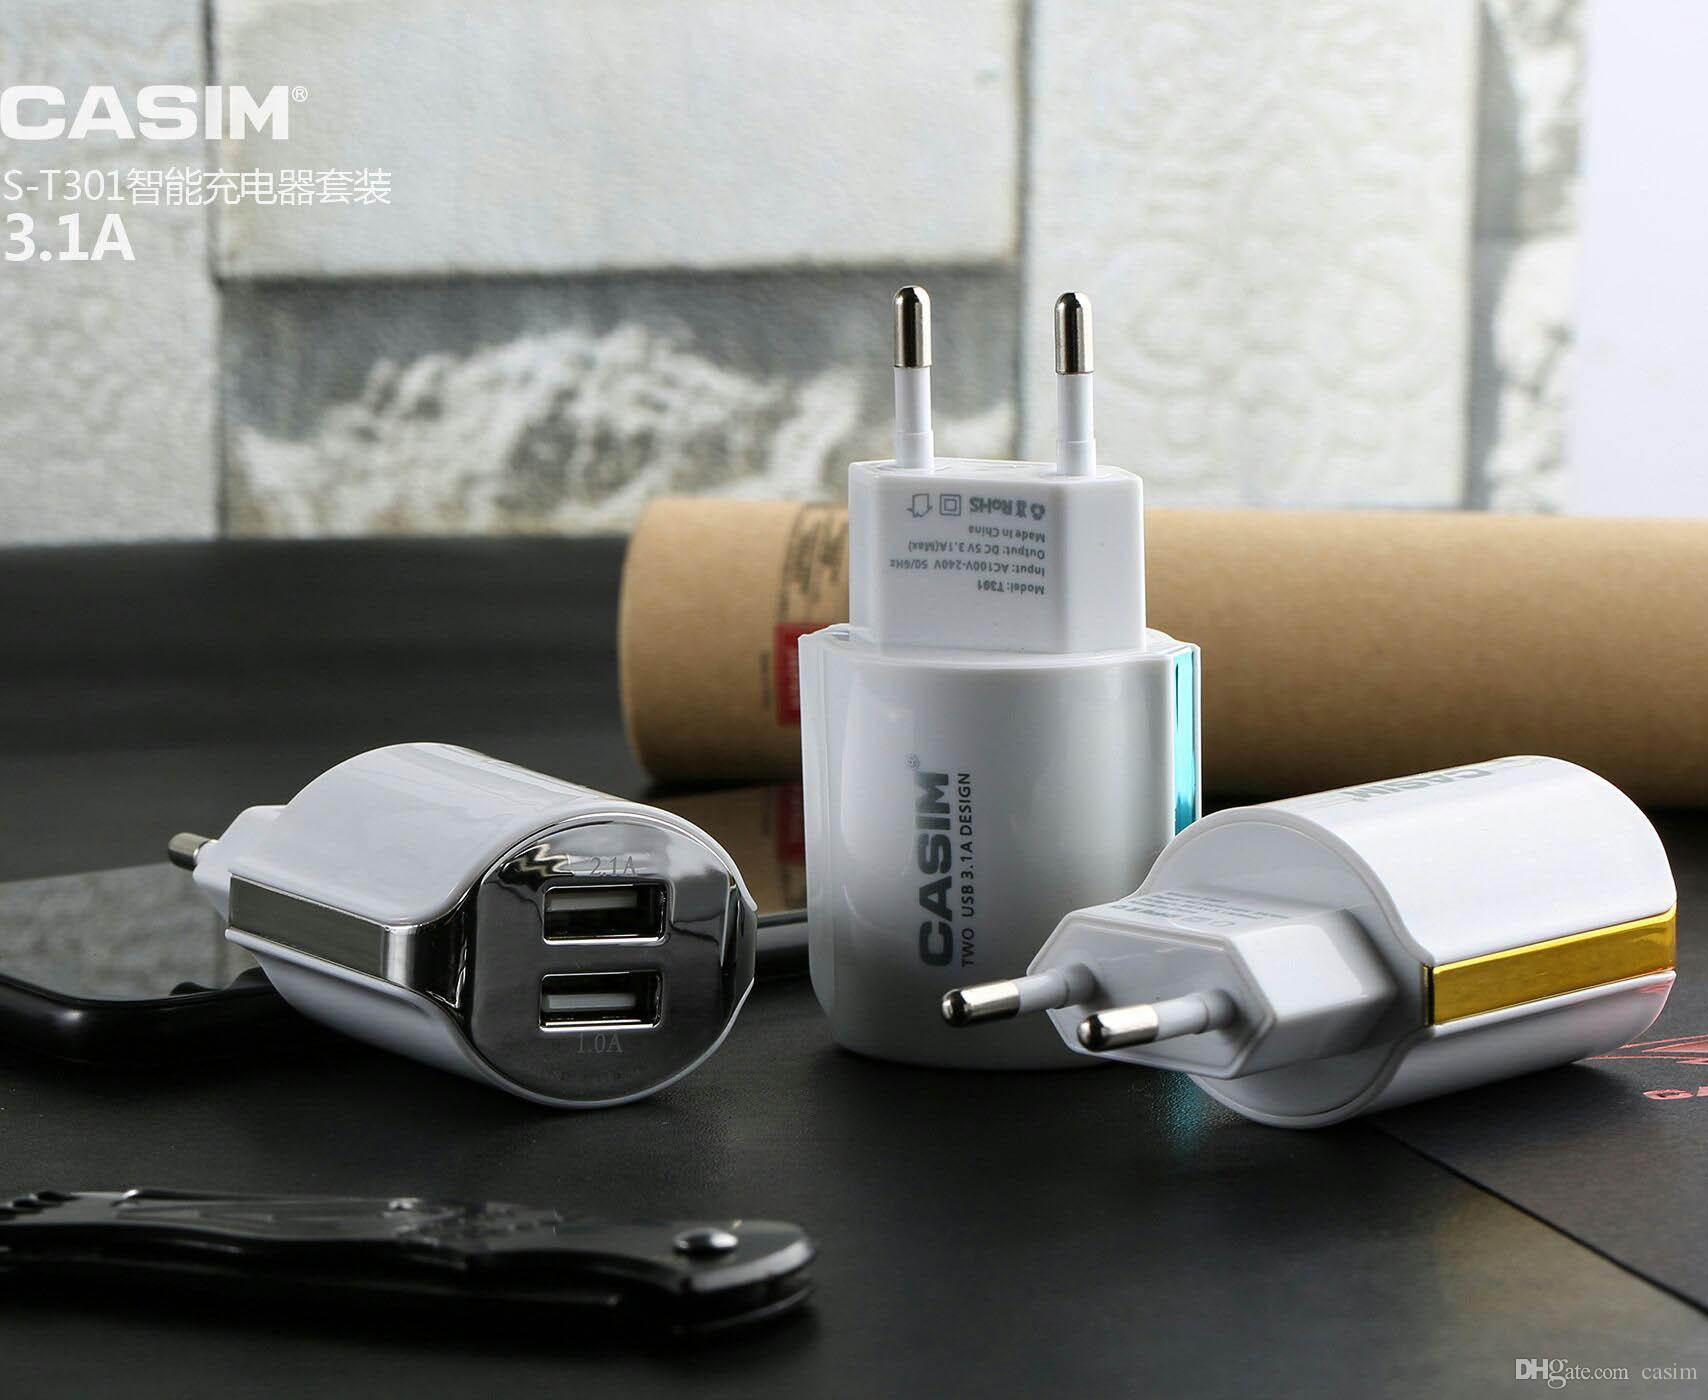 Iphone Samsung Şarj için Mikro Tip C USB Kablosu Ev Seyahat Adaptörü AB Kitleri 2 in 1 Yeni Paket Için Galaxy S4 S5 S6 S7 S8 Duvar Şarj